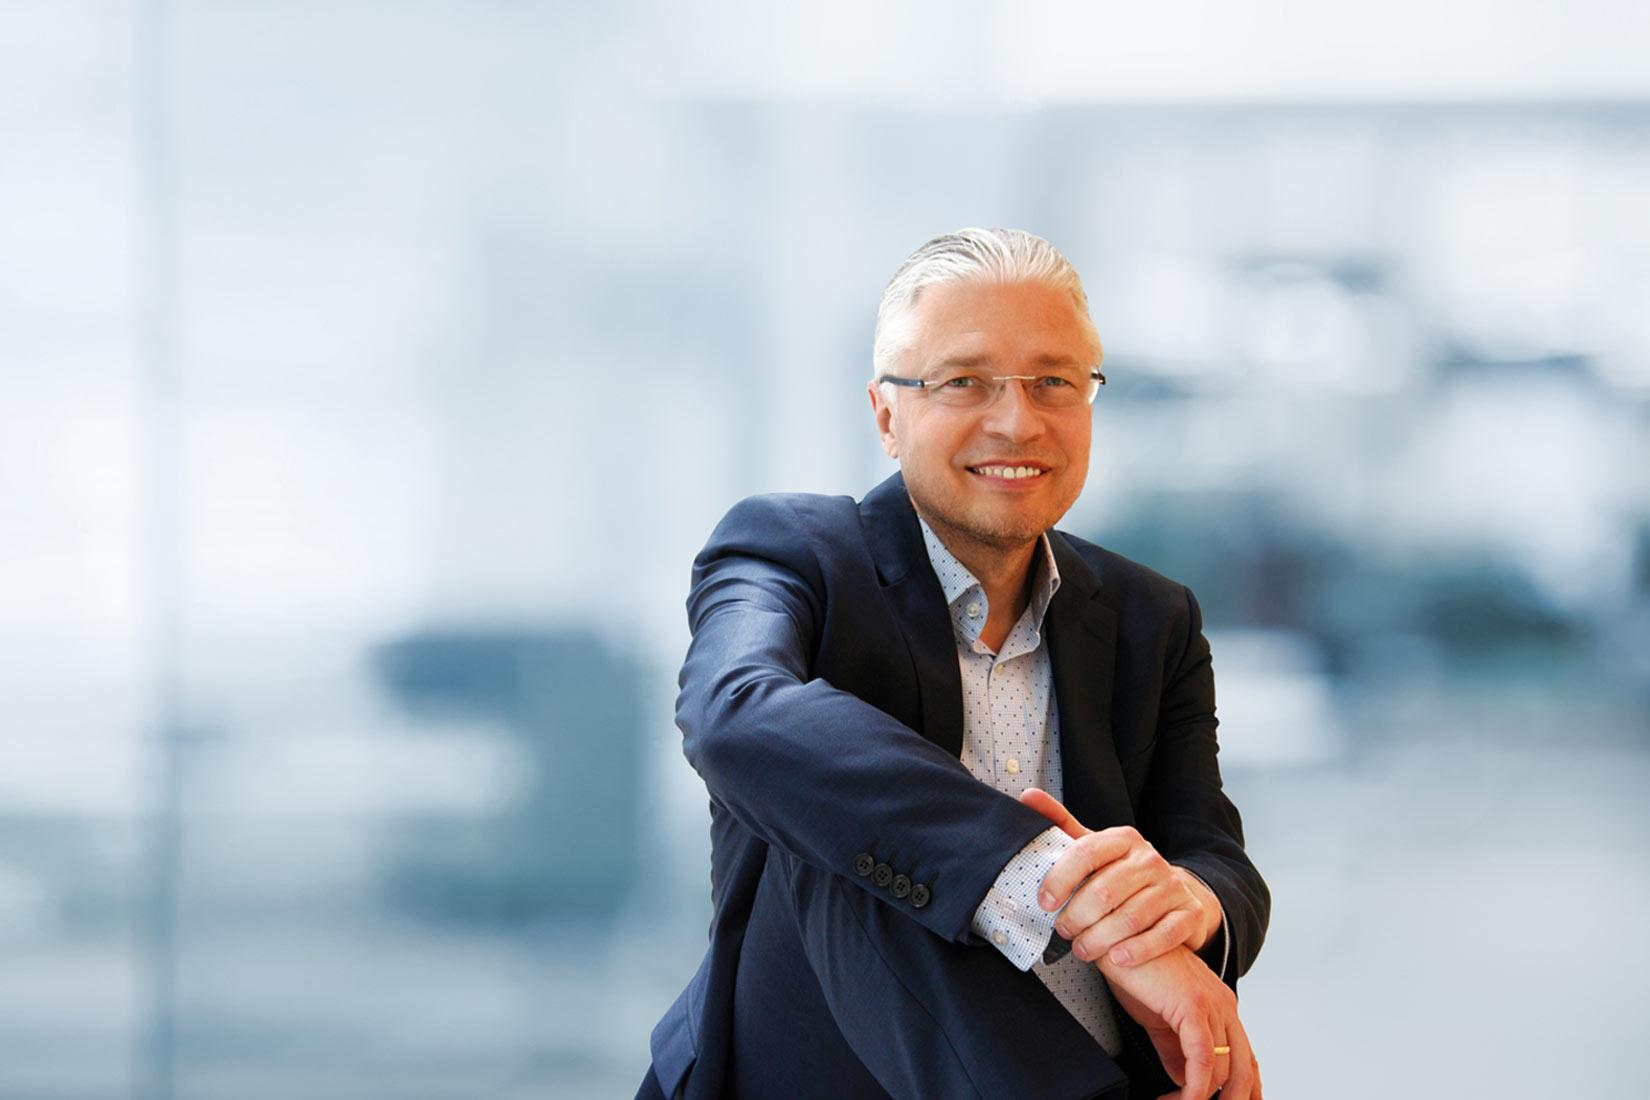 Das Bild zeigt Dr. Heinz Peter Wallner in einer sitzenden Position. Er trägt ein blaues Hemd und einen klassischen dunkelblauen Businessanzug. Der Hintergrund ist unscharf und daher nicht genau zu erkennen. Heinz Peter Wallner trägt eine Brille ohne Rahmen.